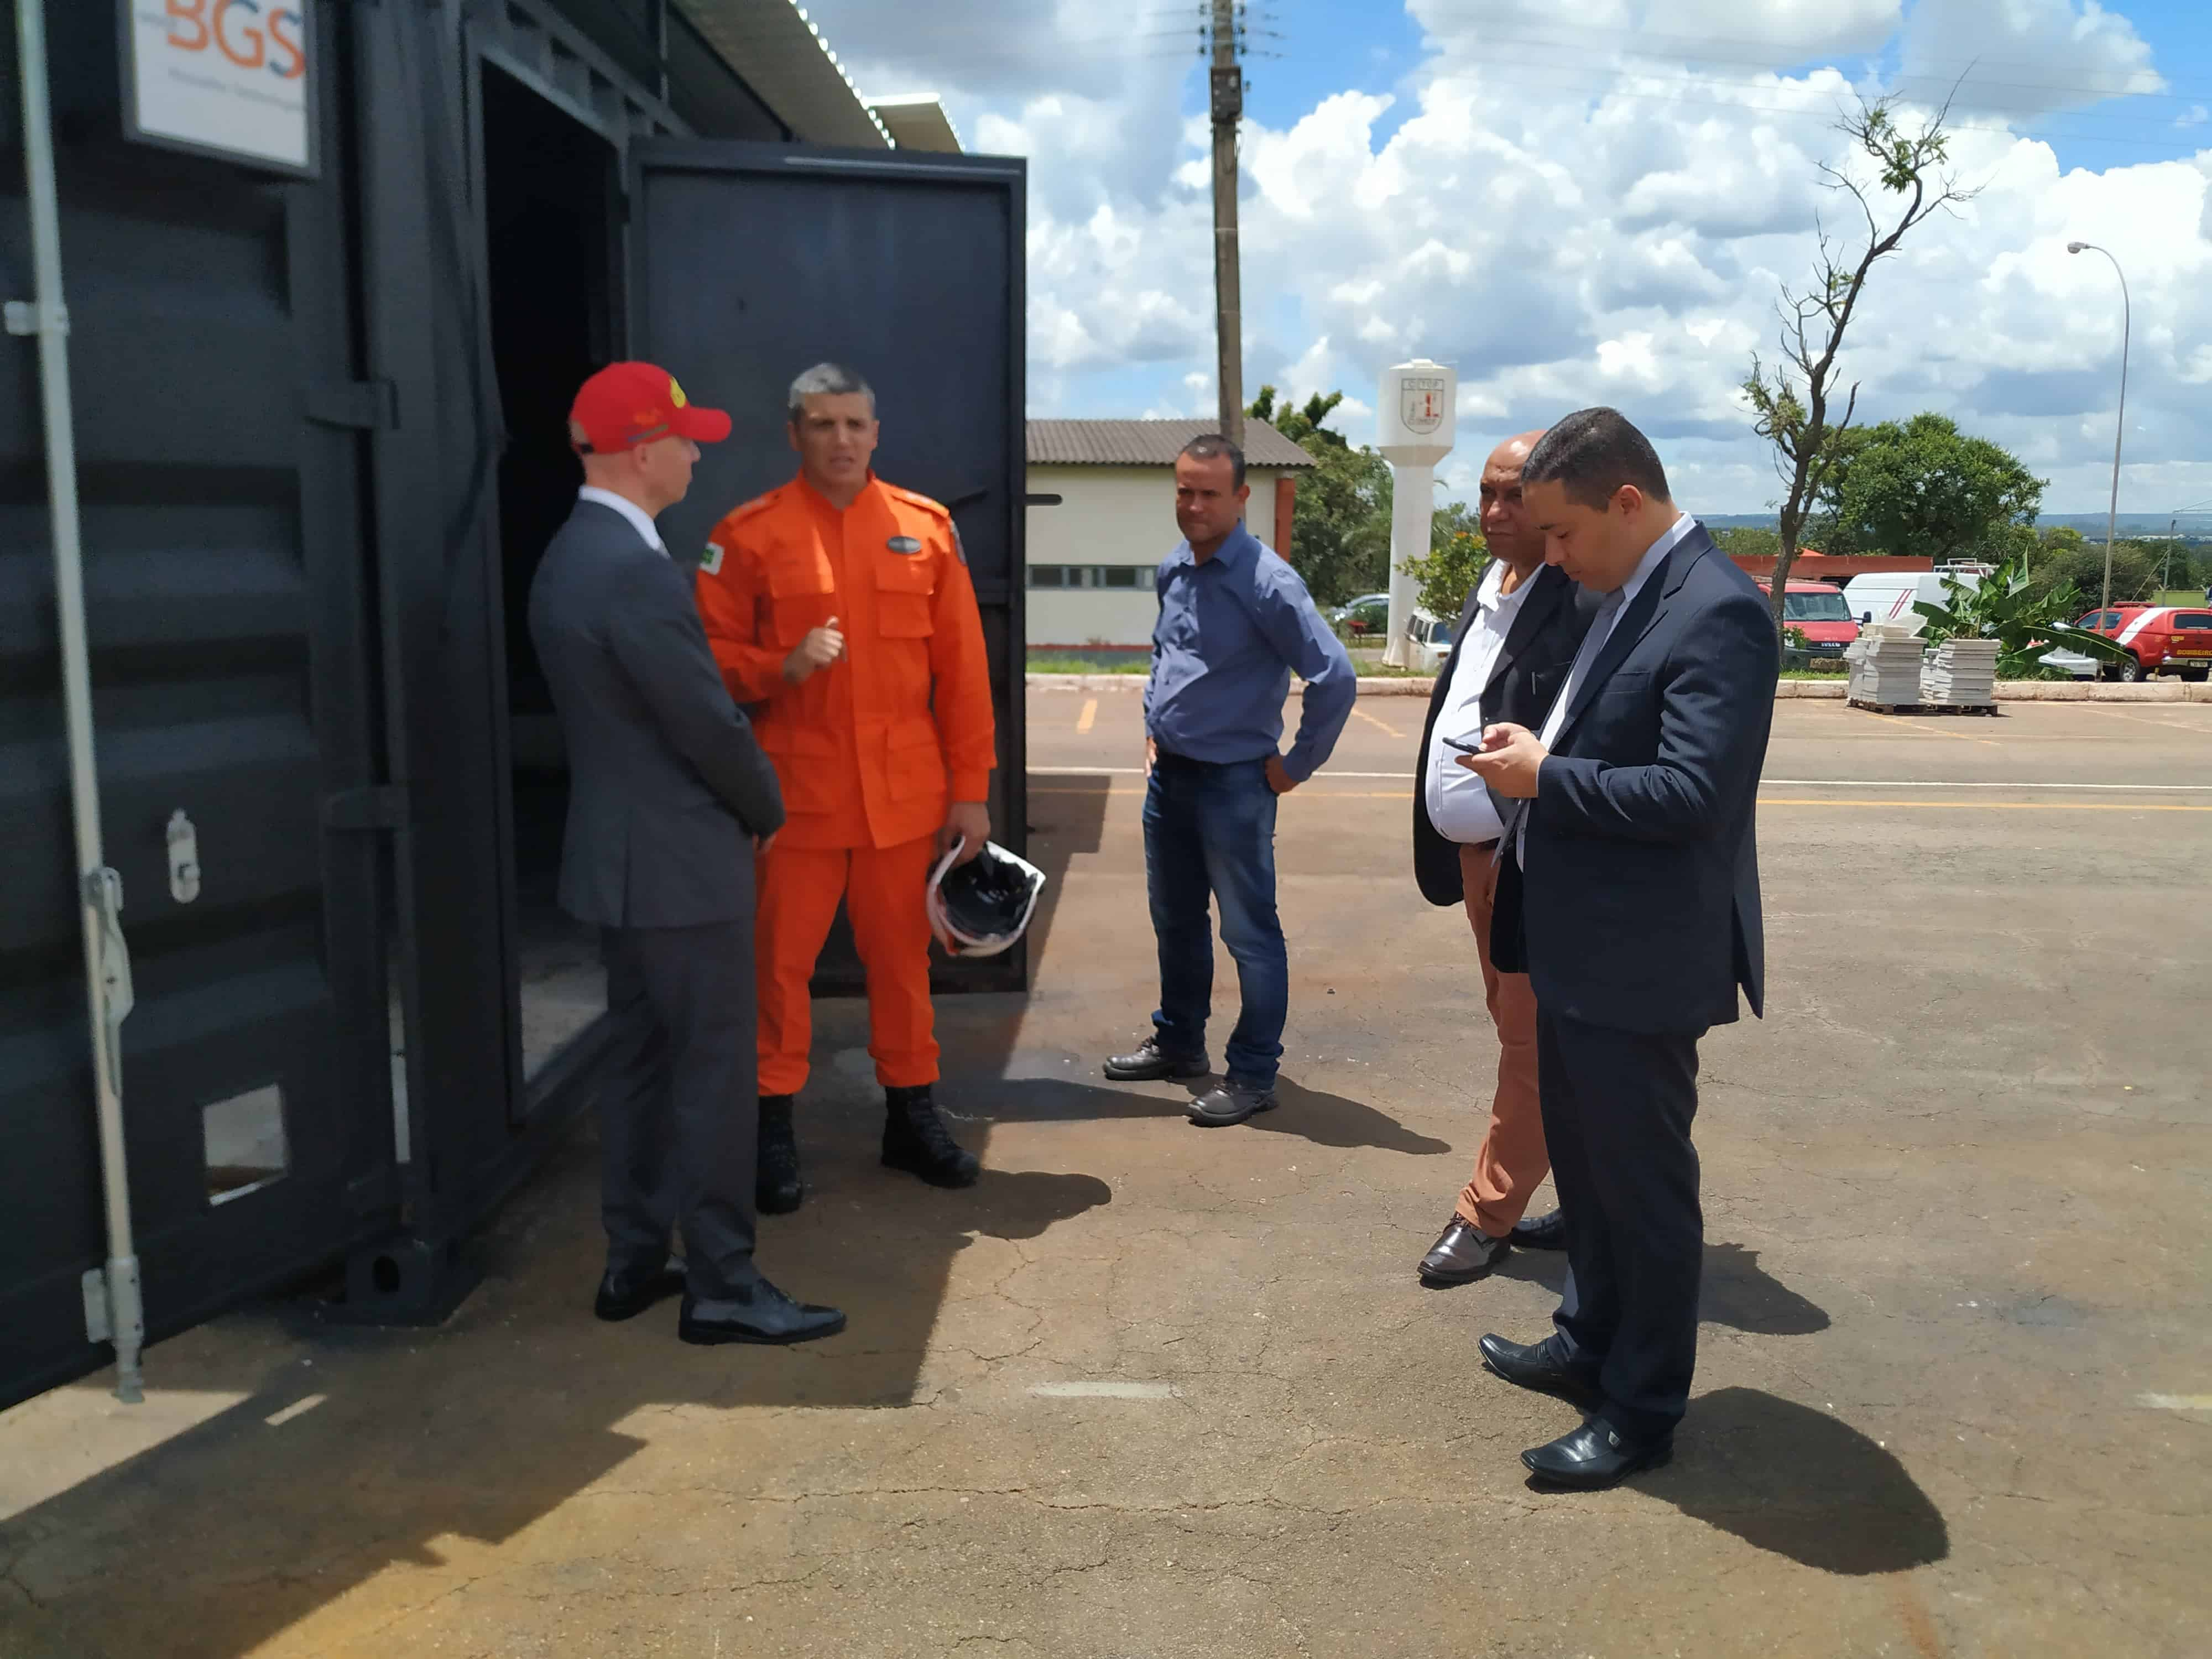 Ambiental Tecnol inaugura novo simulador de incêndio para o Corpo de Bombeiros (9)